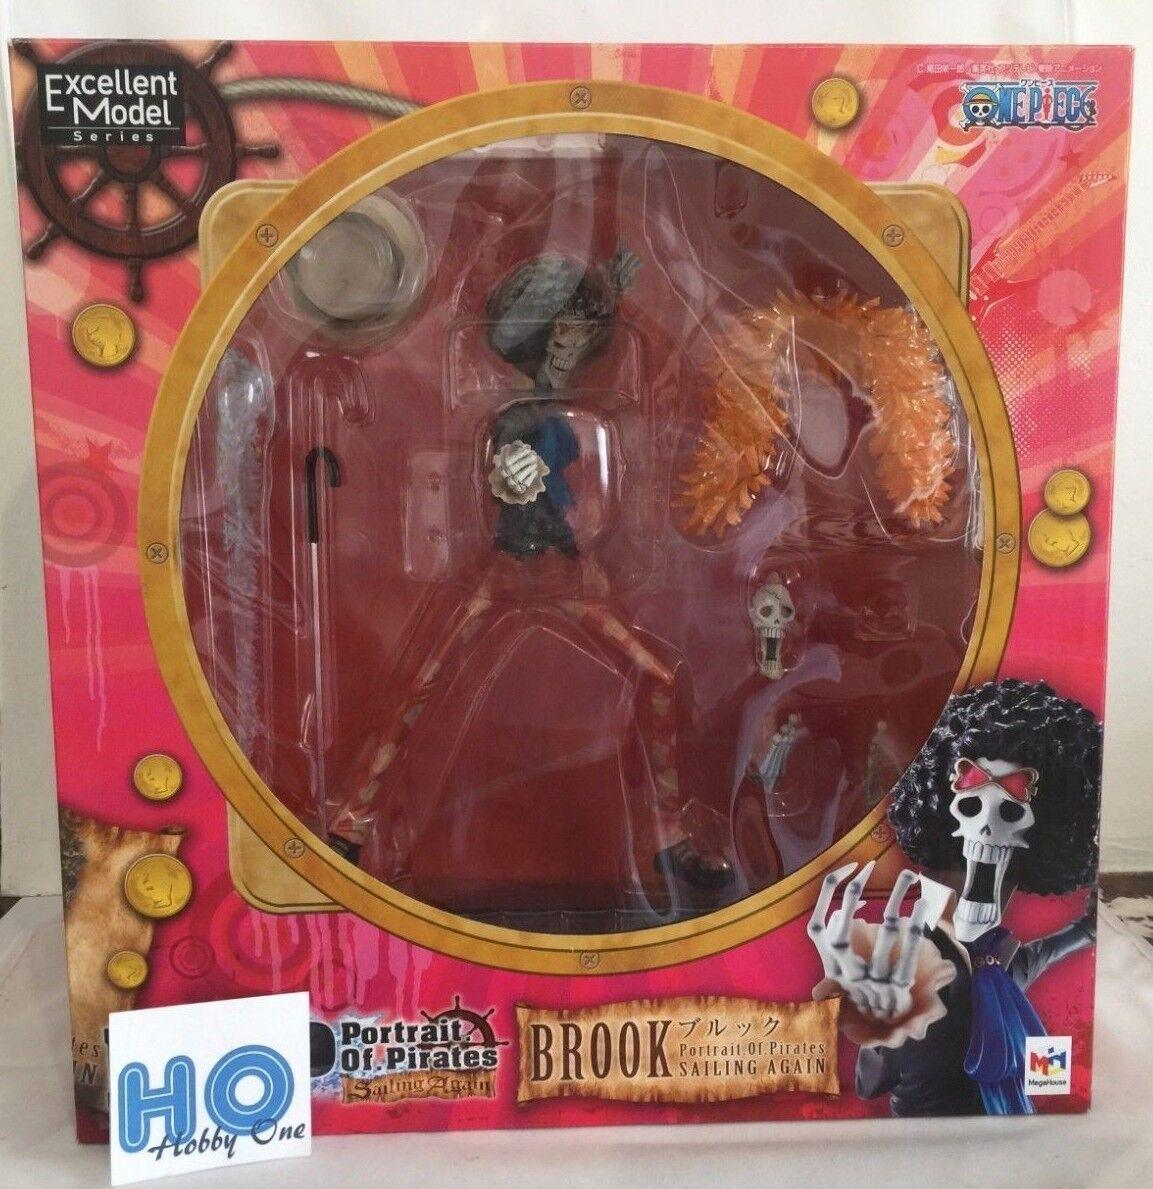 One Piece - Brook - P.O.P. ( Portrait of  Pirates ) - MegaHouse - Authentique  spedizione gratuita in tutto il mondo